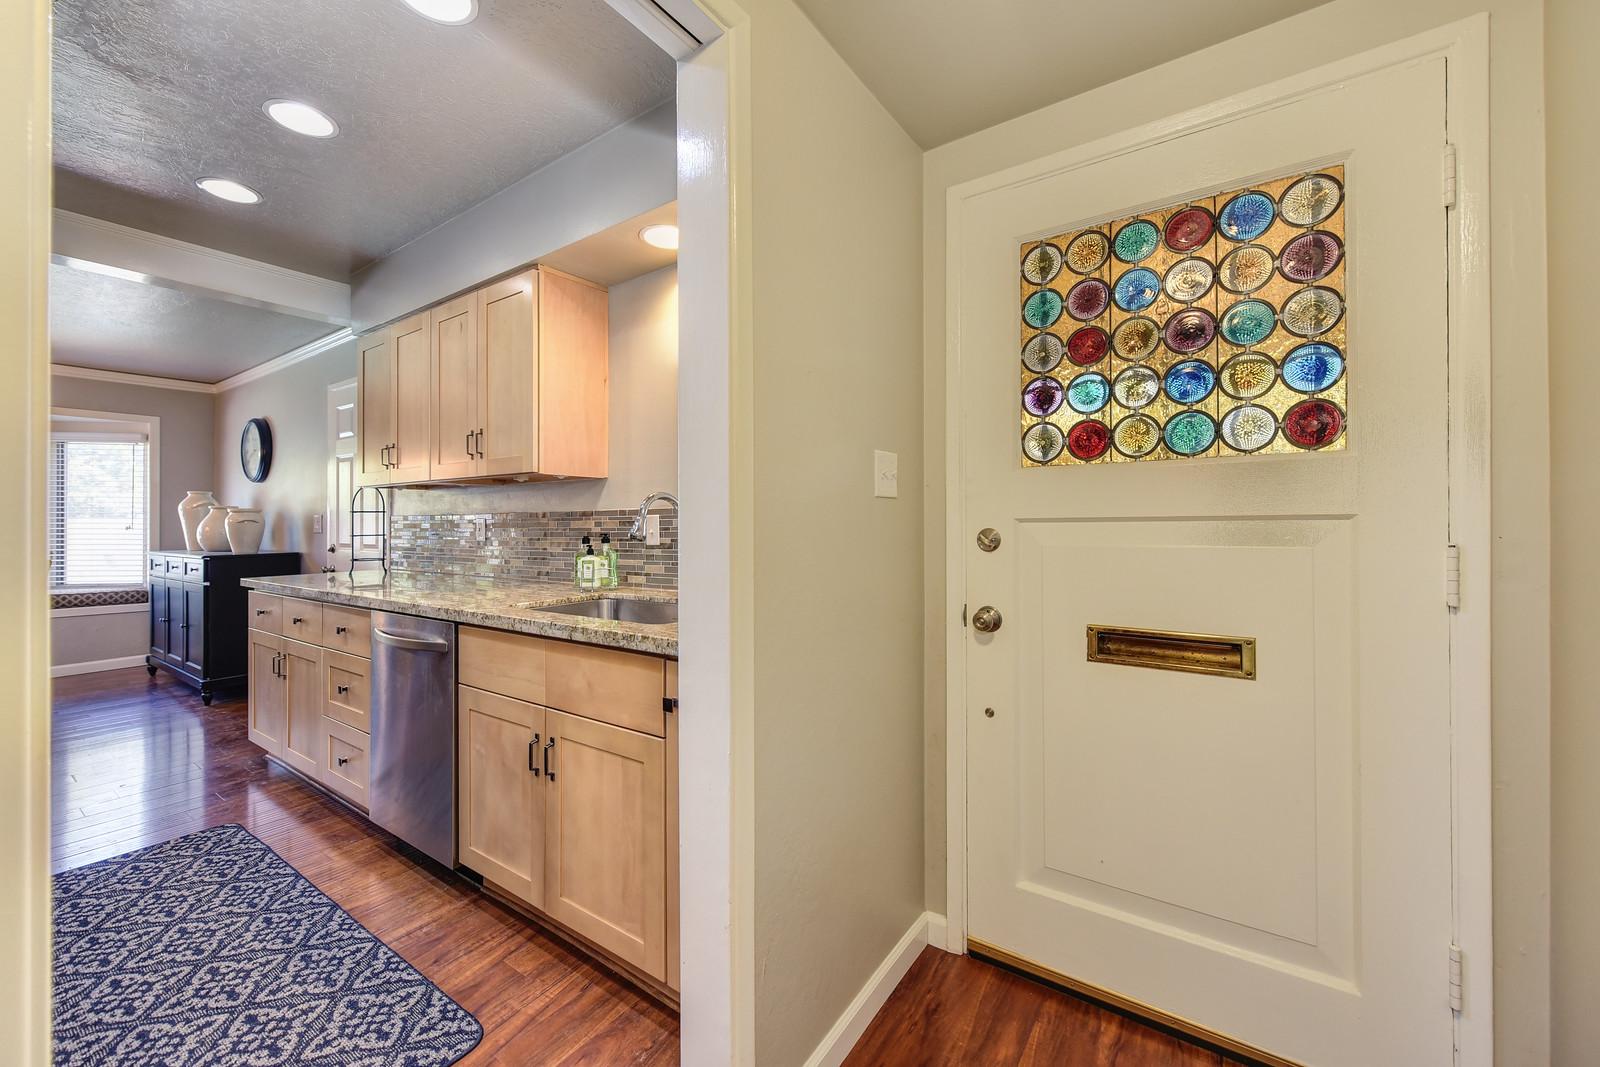 2208 Alegre Court Rancho Cordova CA 95670 ,Entry